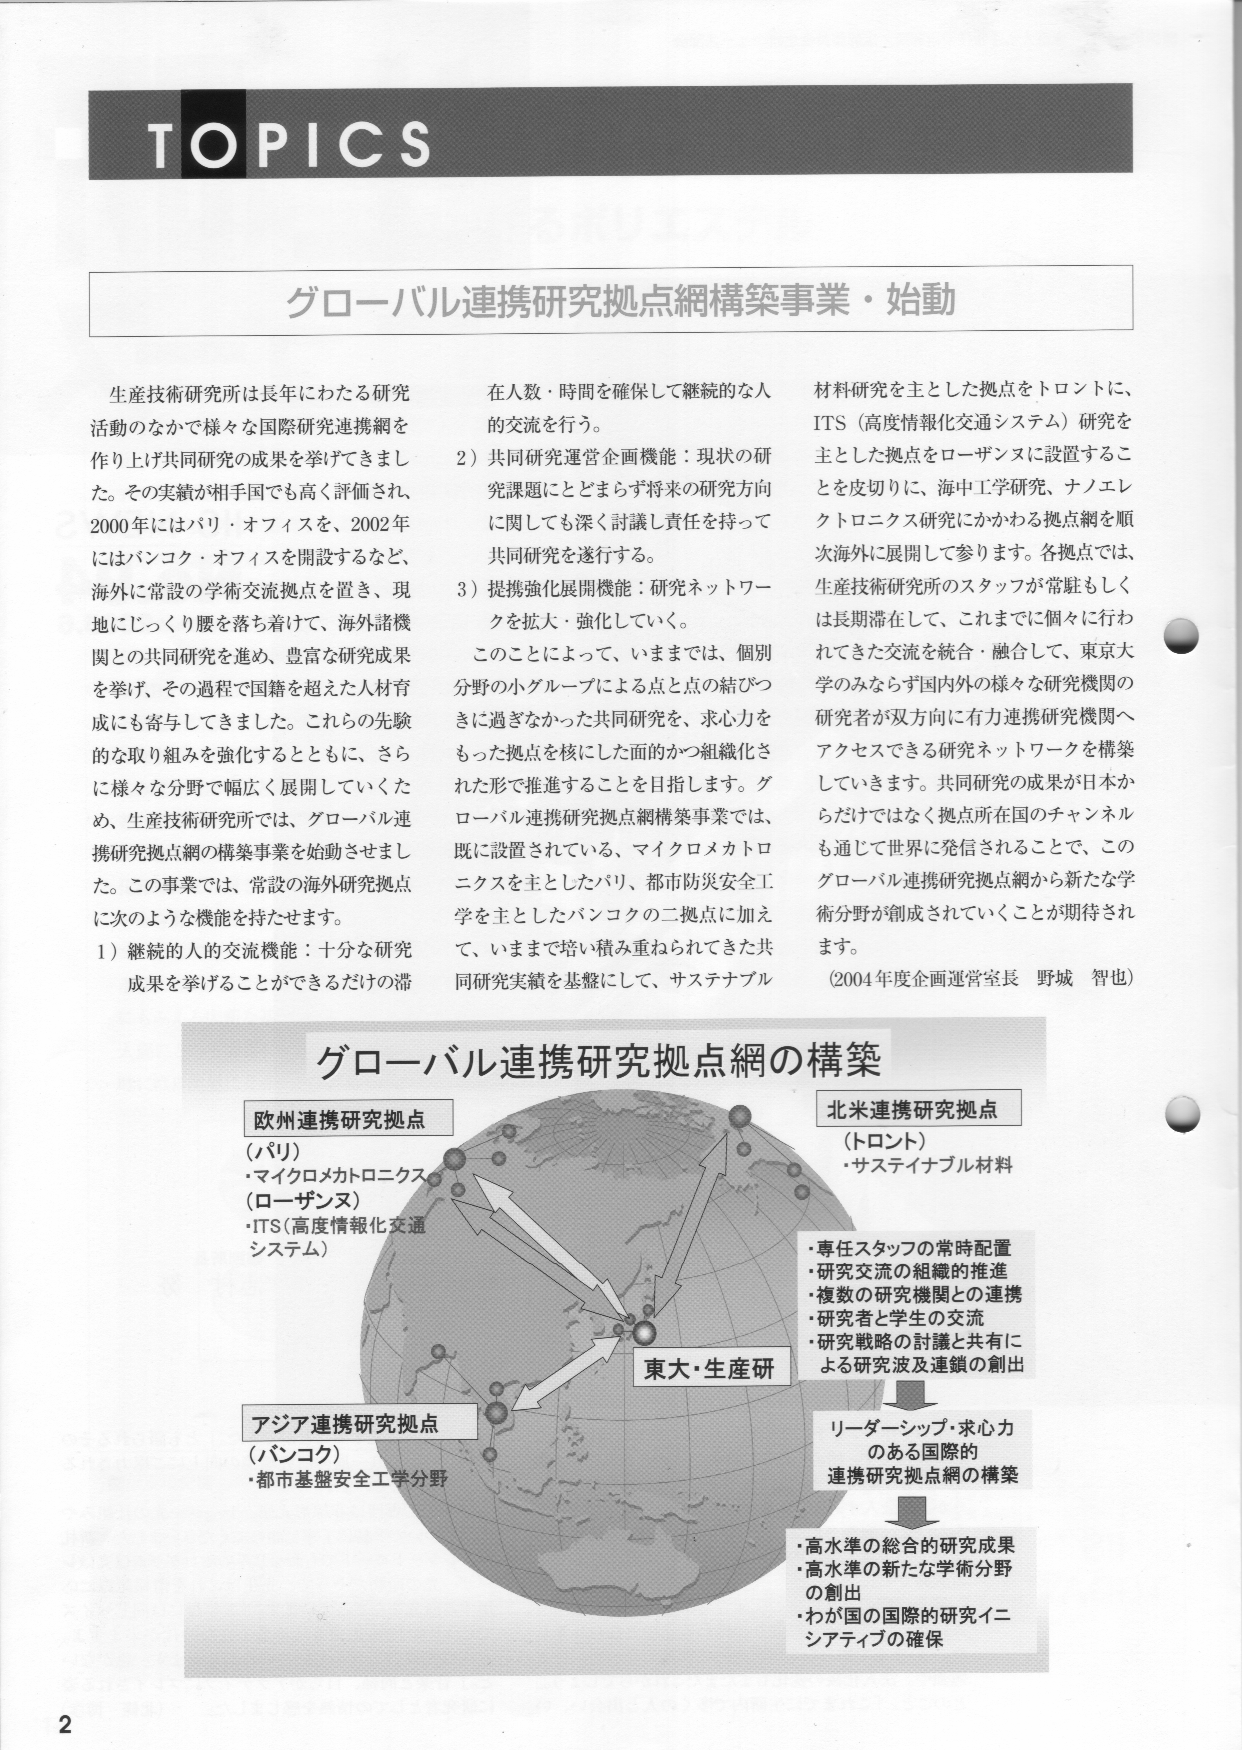 生研ニュース200506-1.png